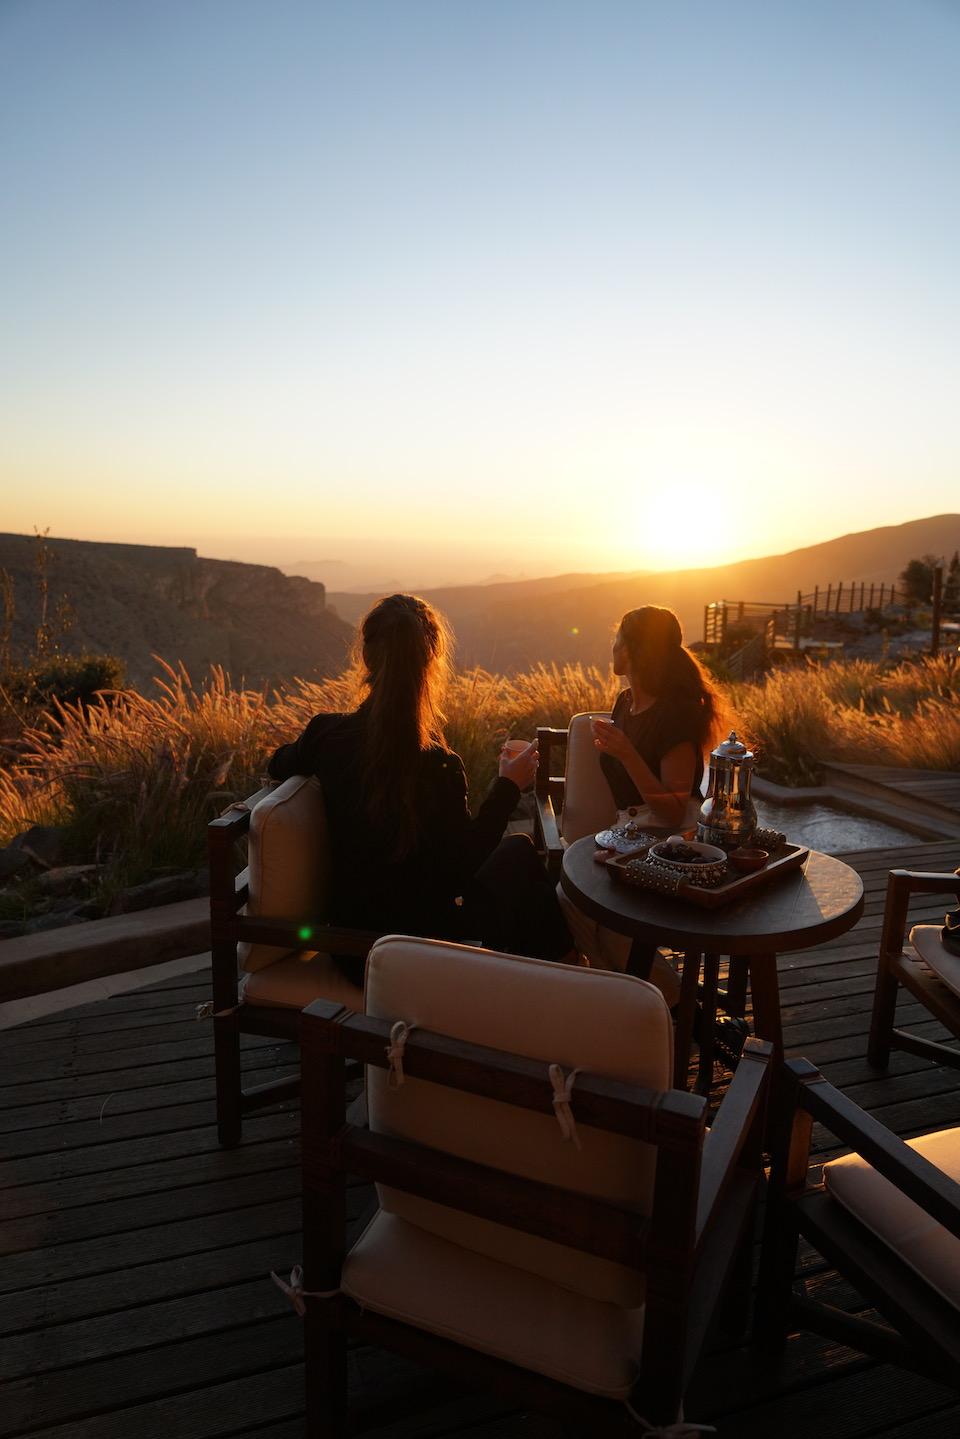 Jebel Akhdar - Alila hotels - De woestijn van Oman, Wahiba Sands - de bezienswaardigheden en beste reisroute voor 9 dagen. Jebel Akhdar - Alila hotels - De woestijn van Oman, Wahiba Sands - de bezienswaardigheden en beste reisroute voor 9 dagen.